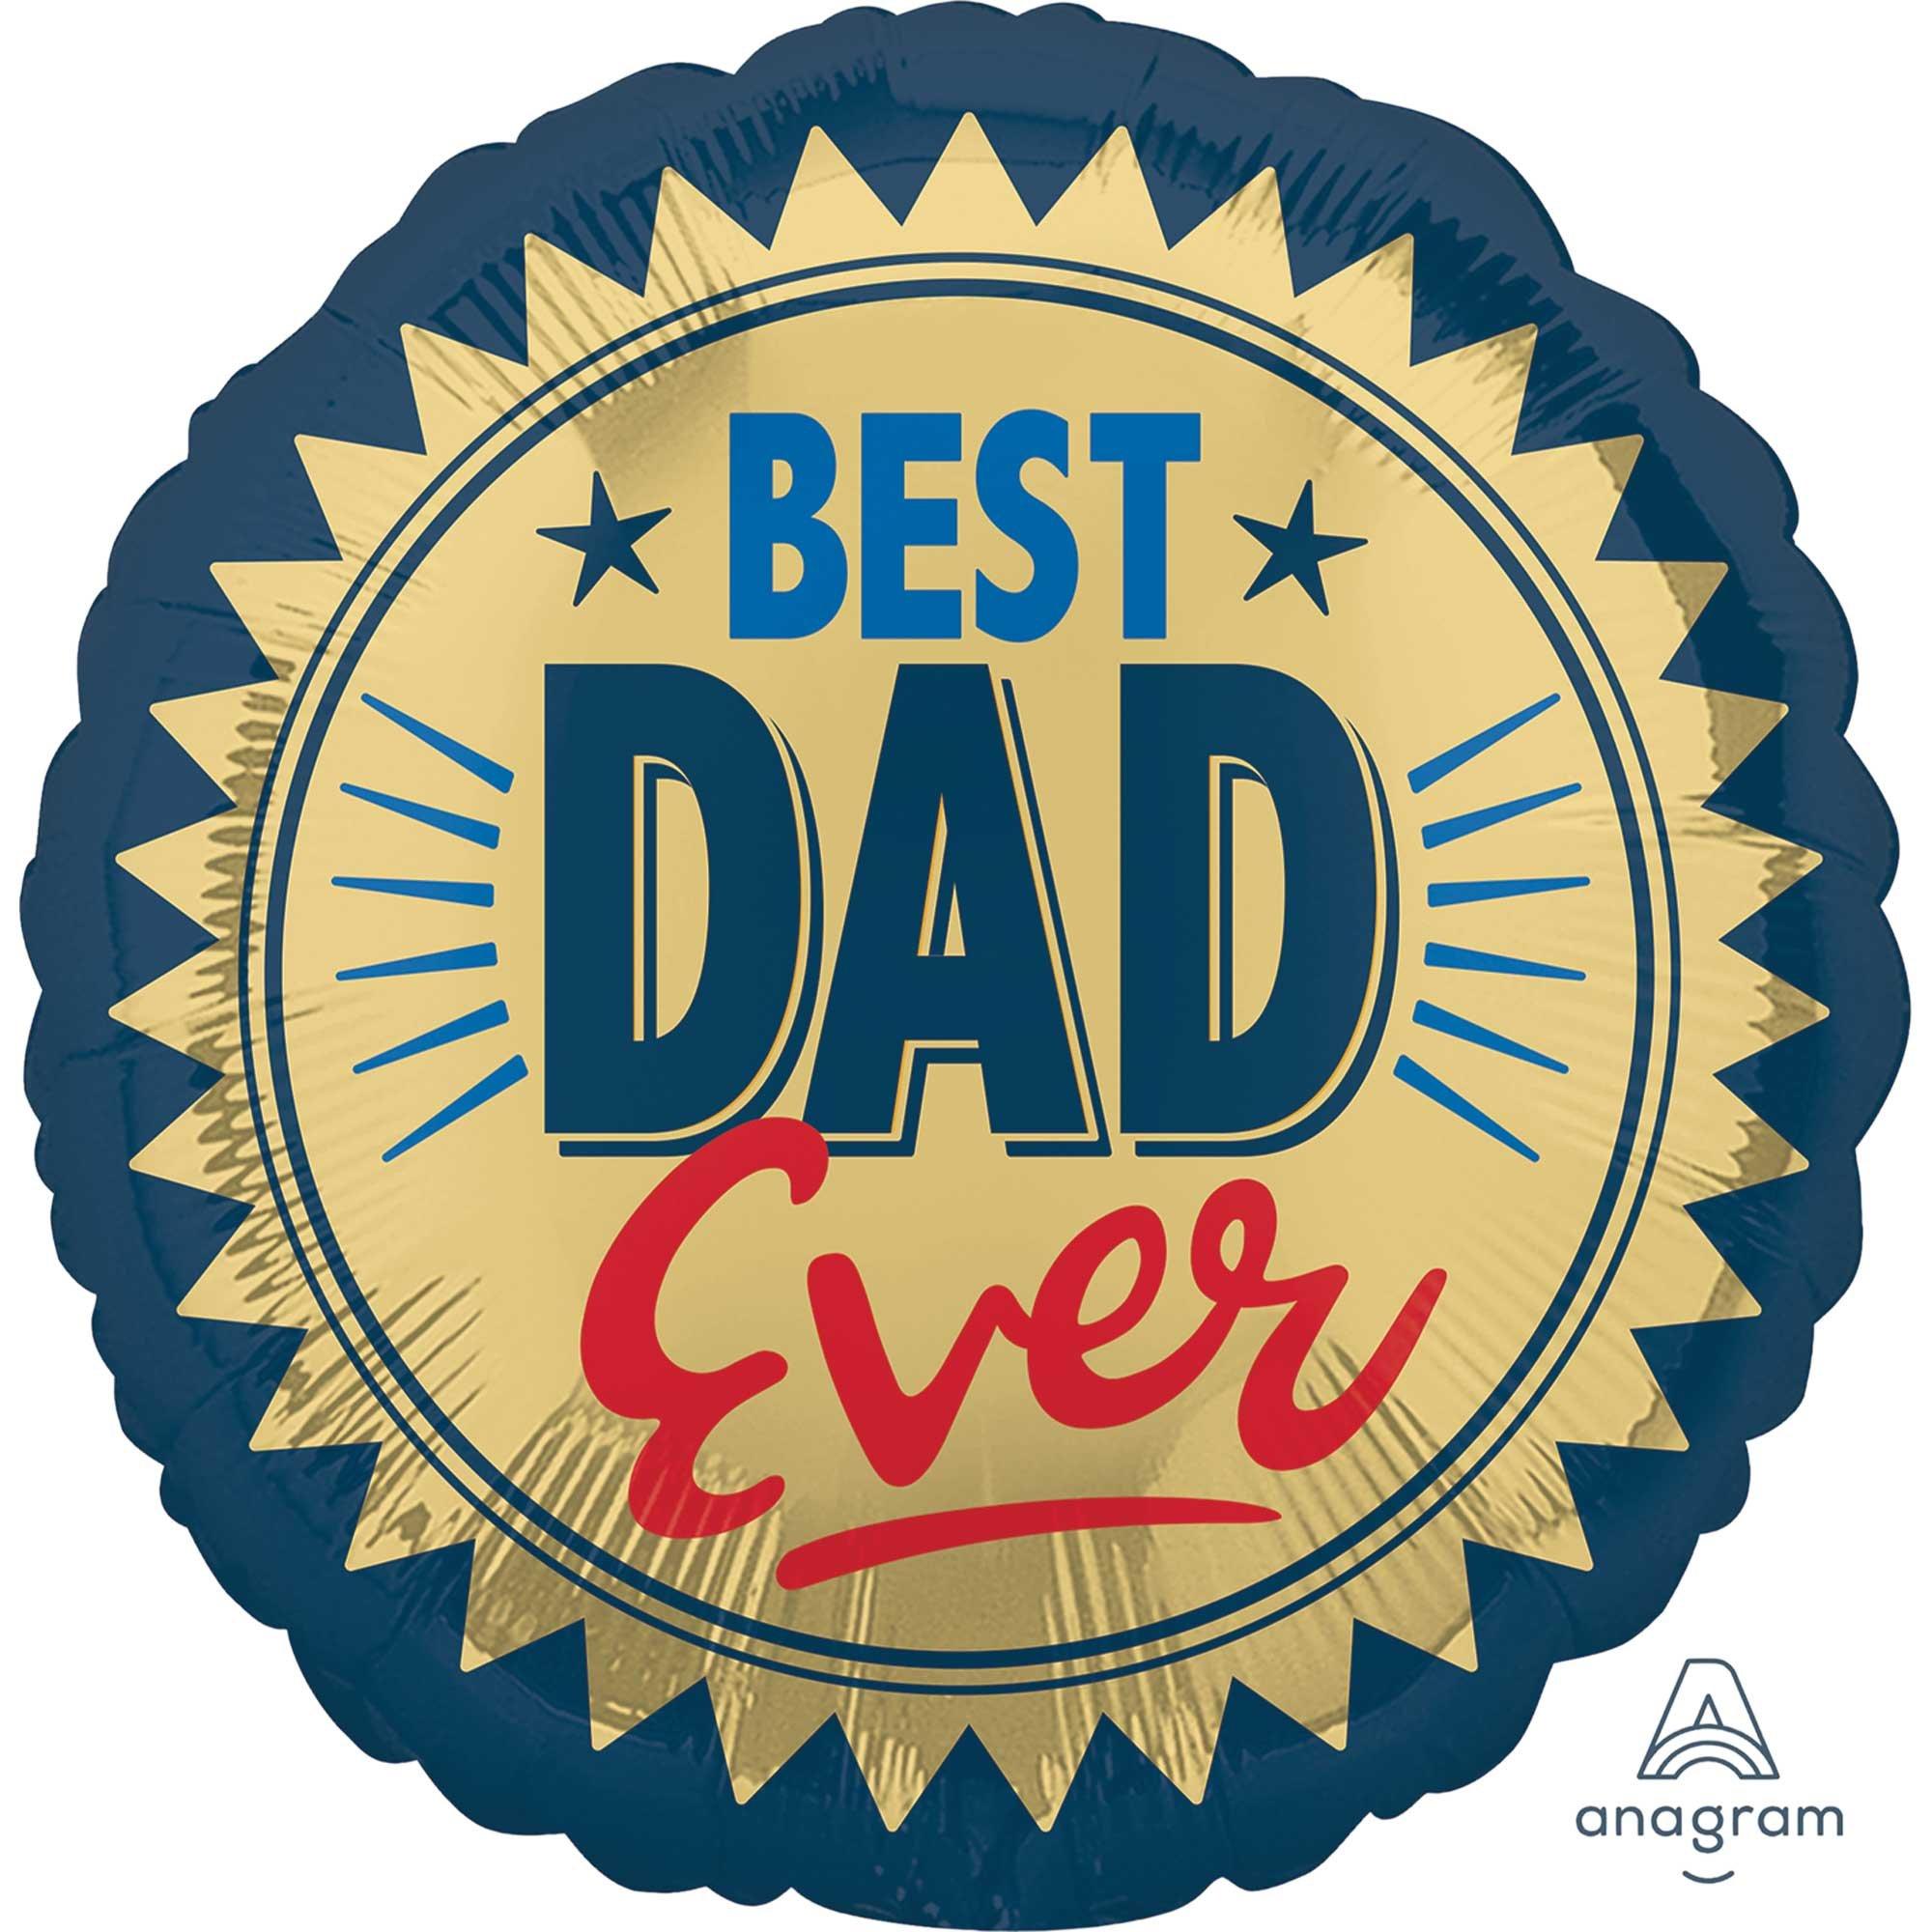 45cm Standard Best Dad Ever Gold Stamp S40